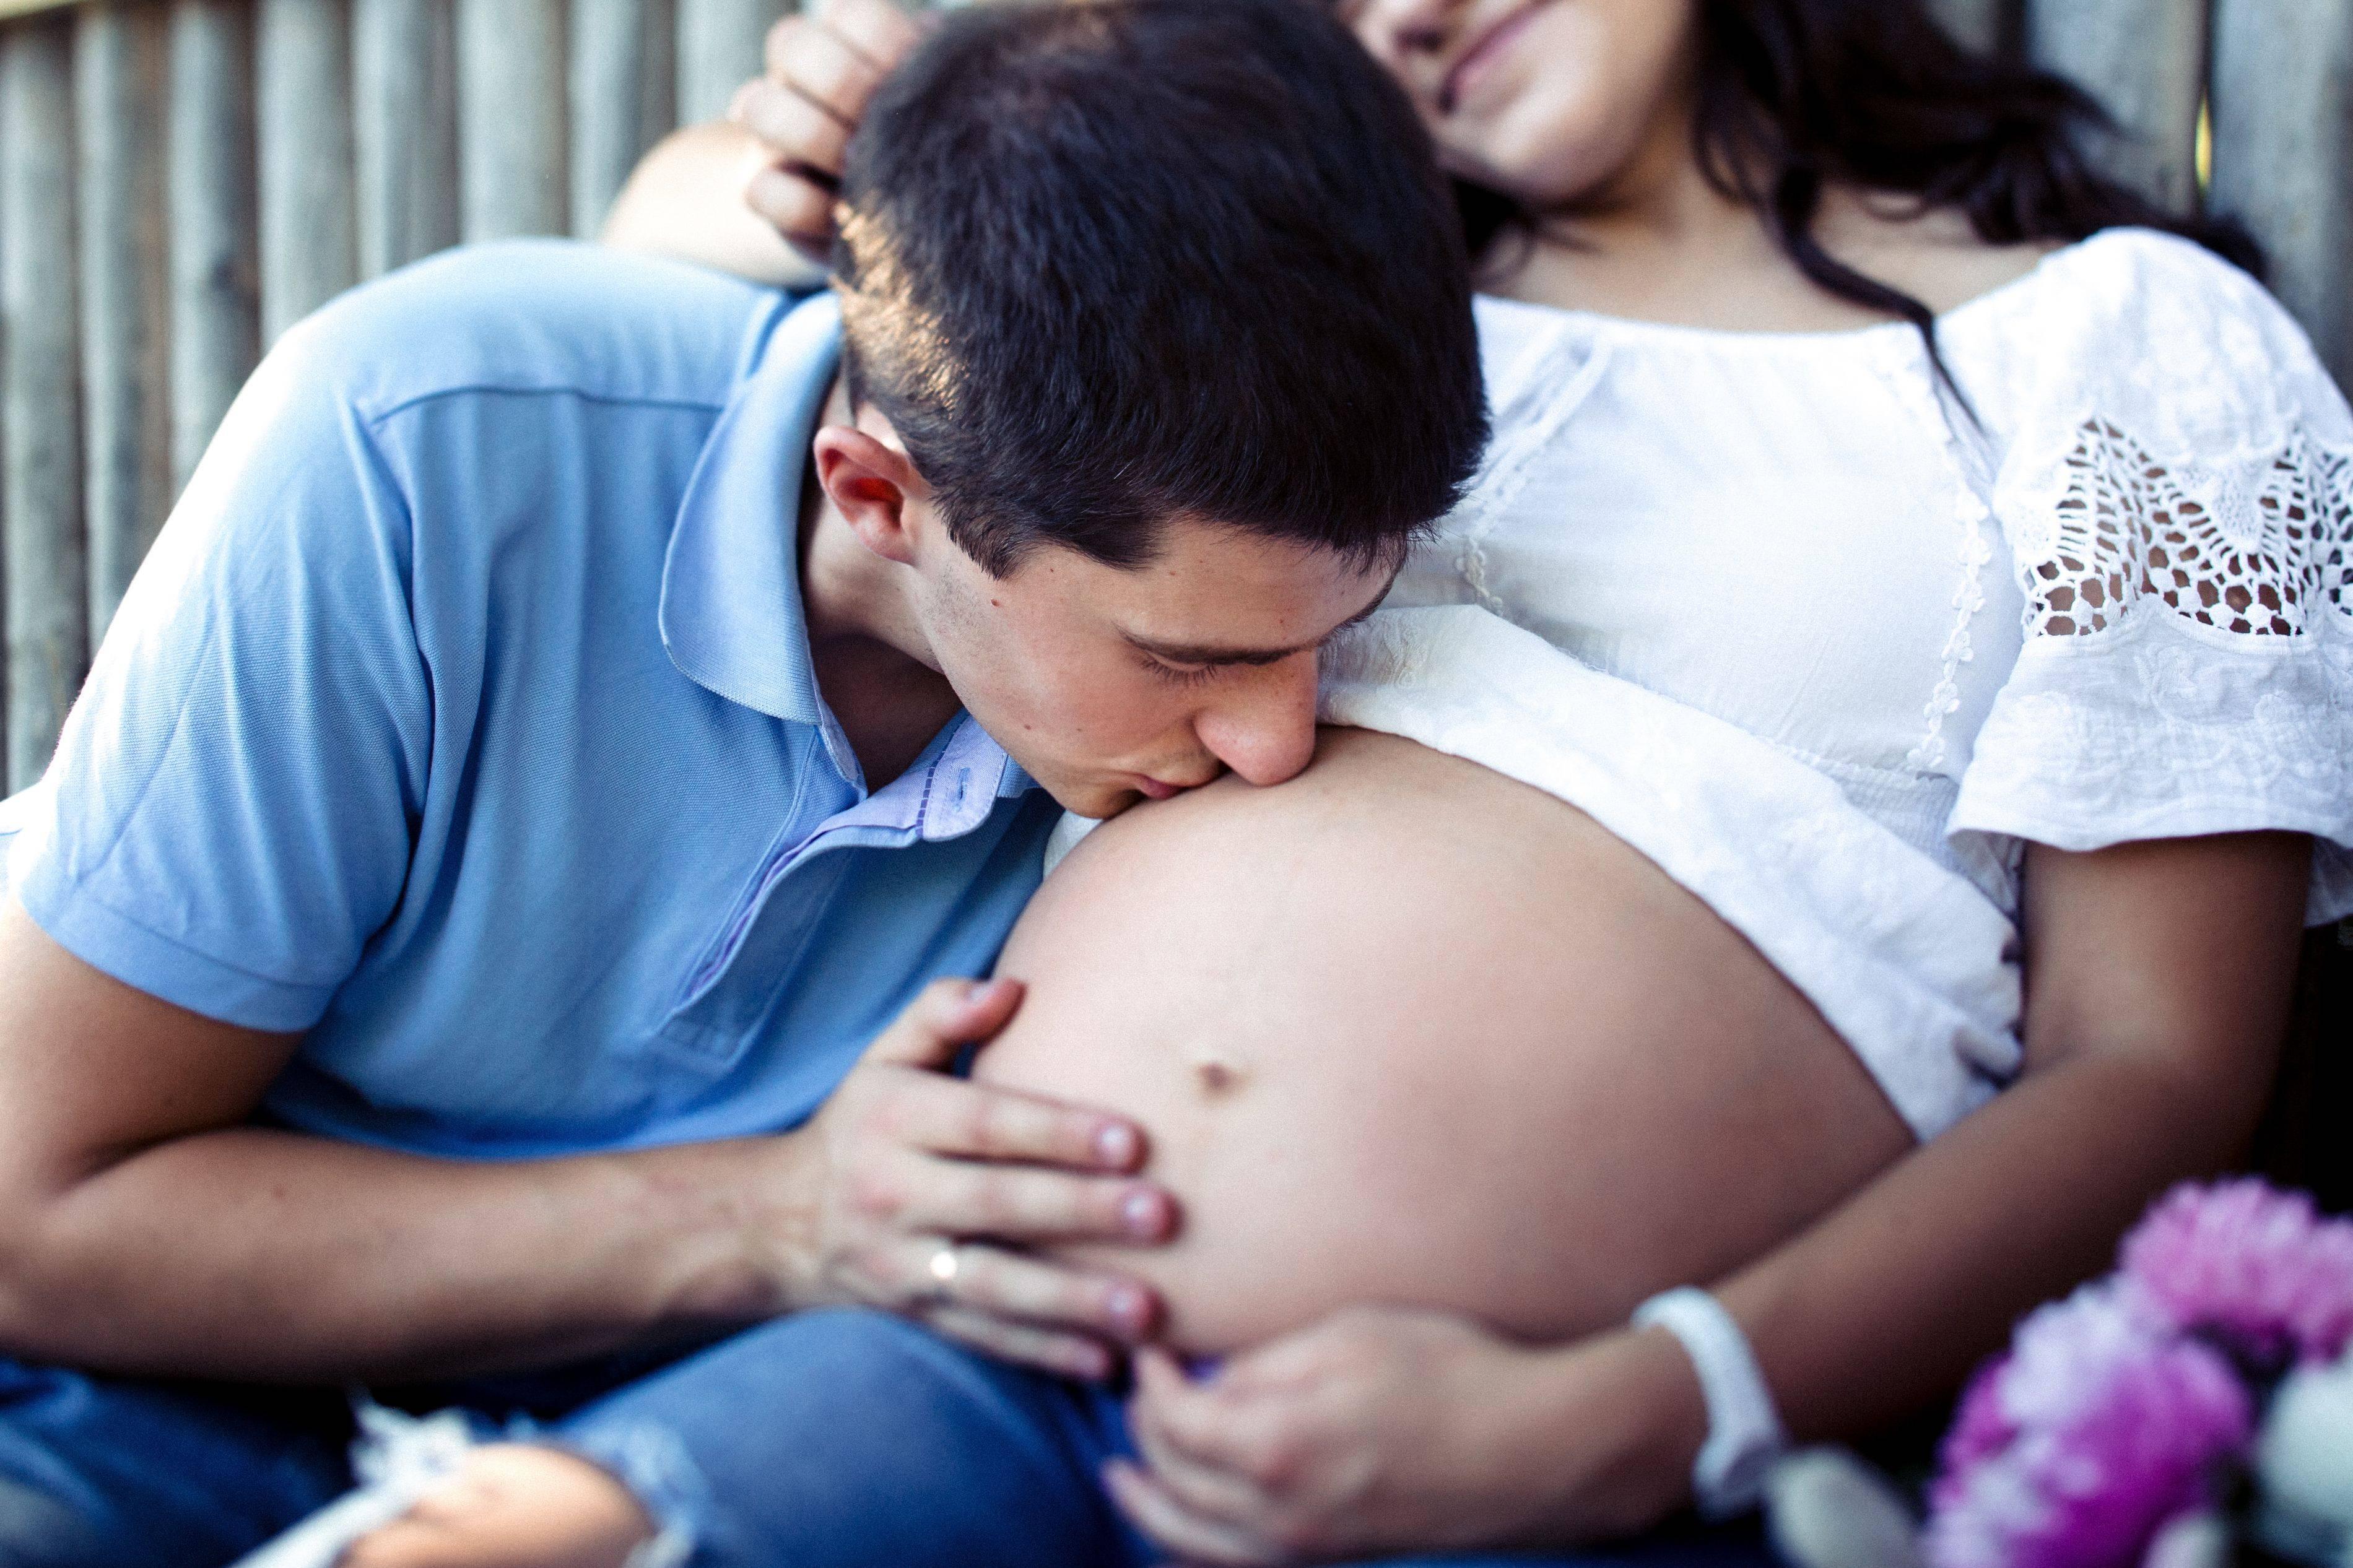 Психология беременной женщины - советы мужу. как пережить беременность жены  - практическое пособие для мужчин.